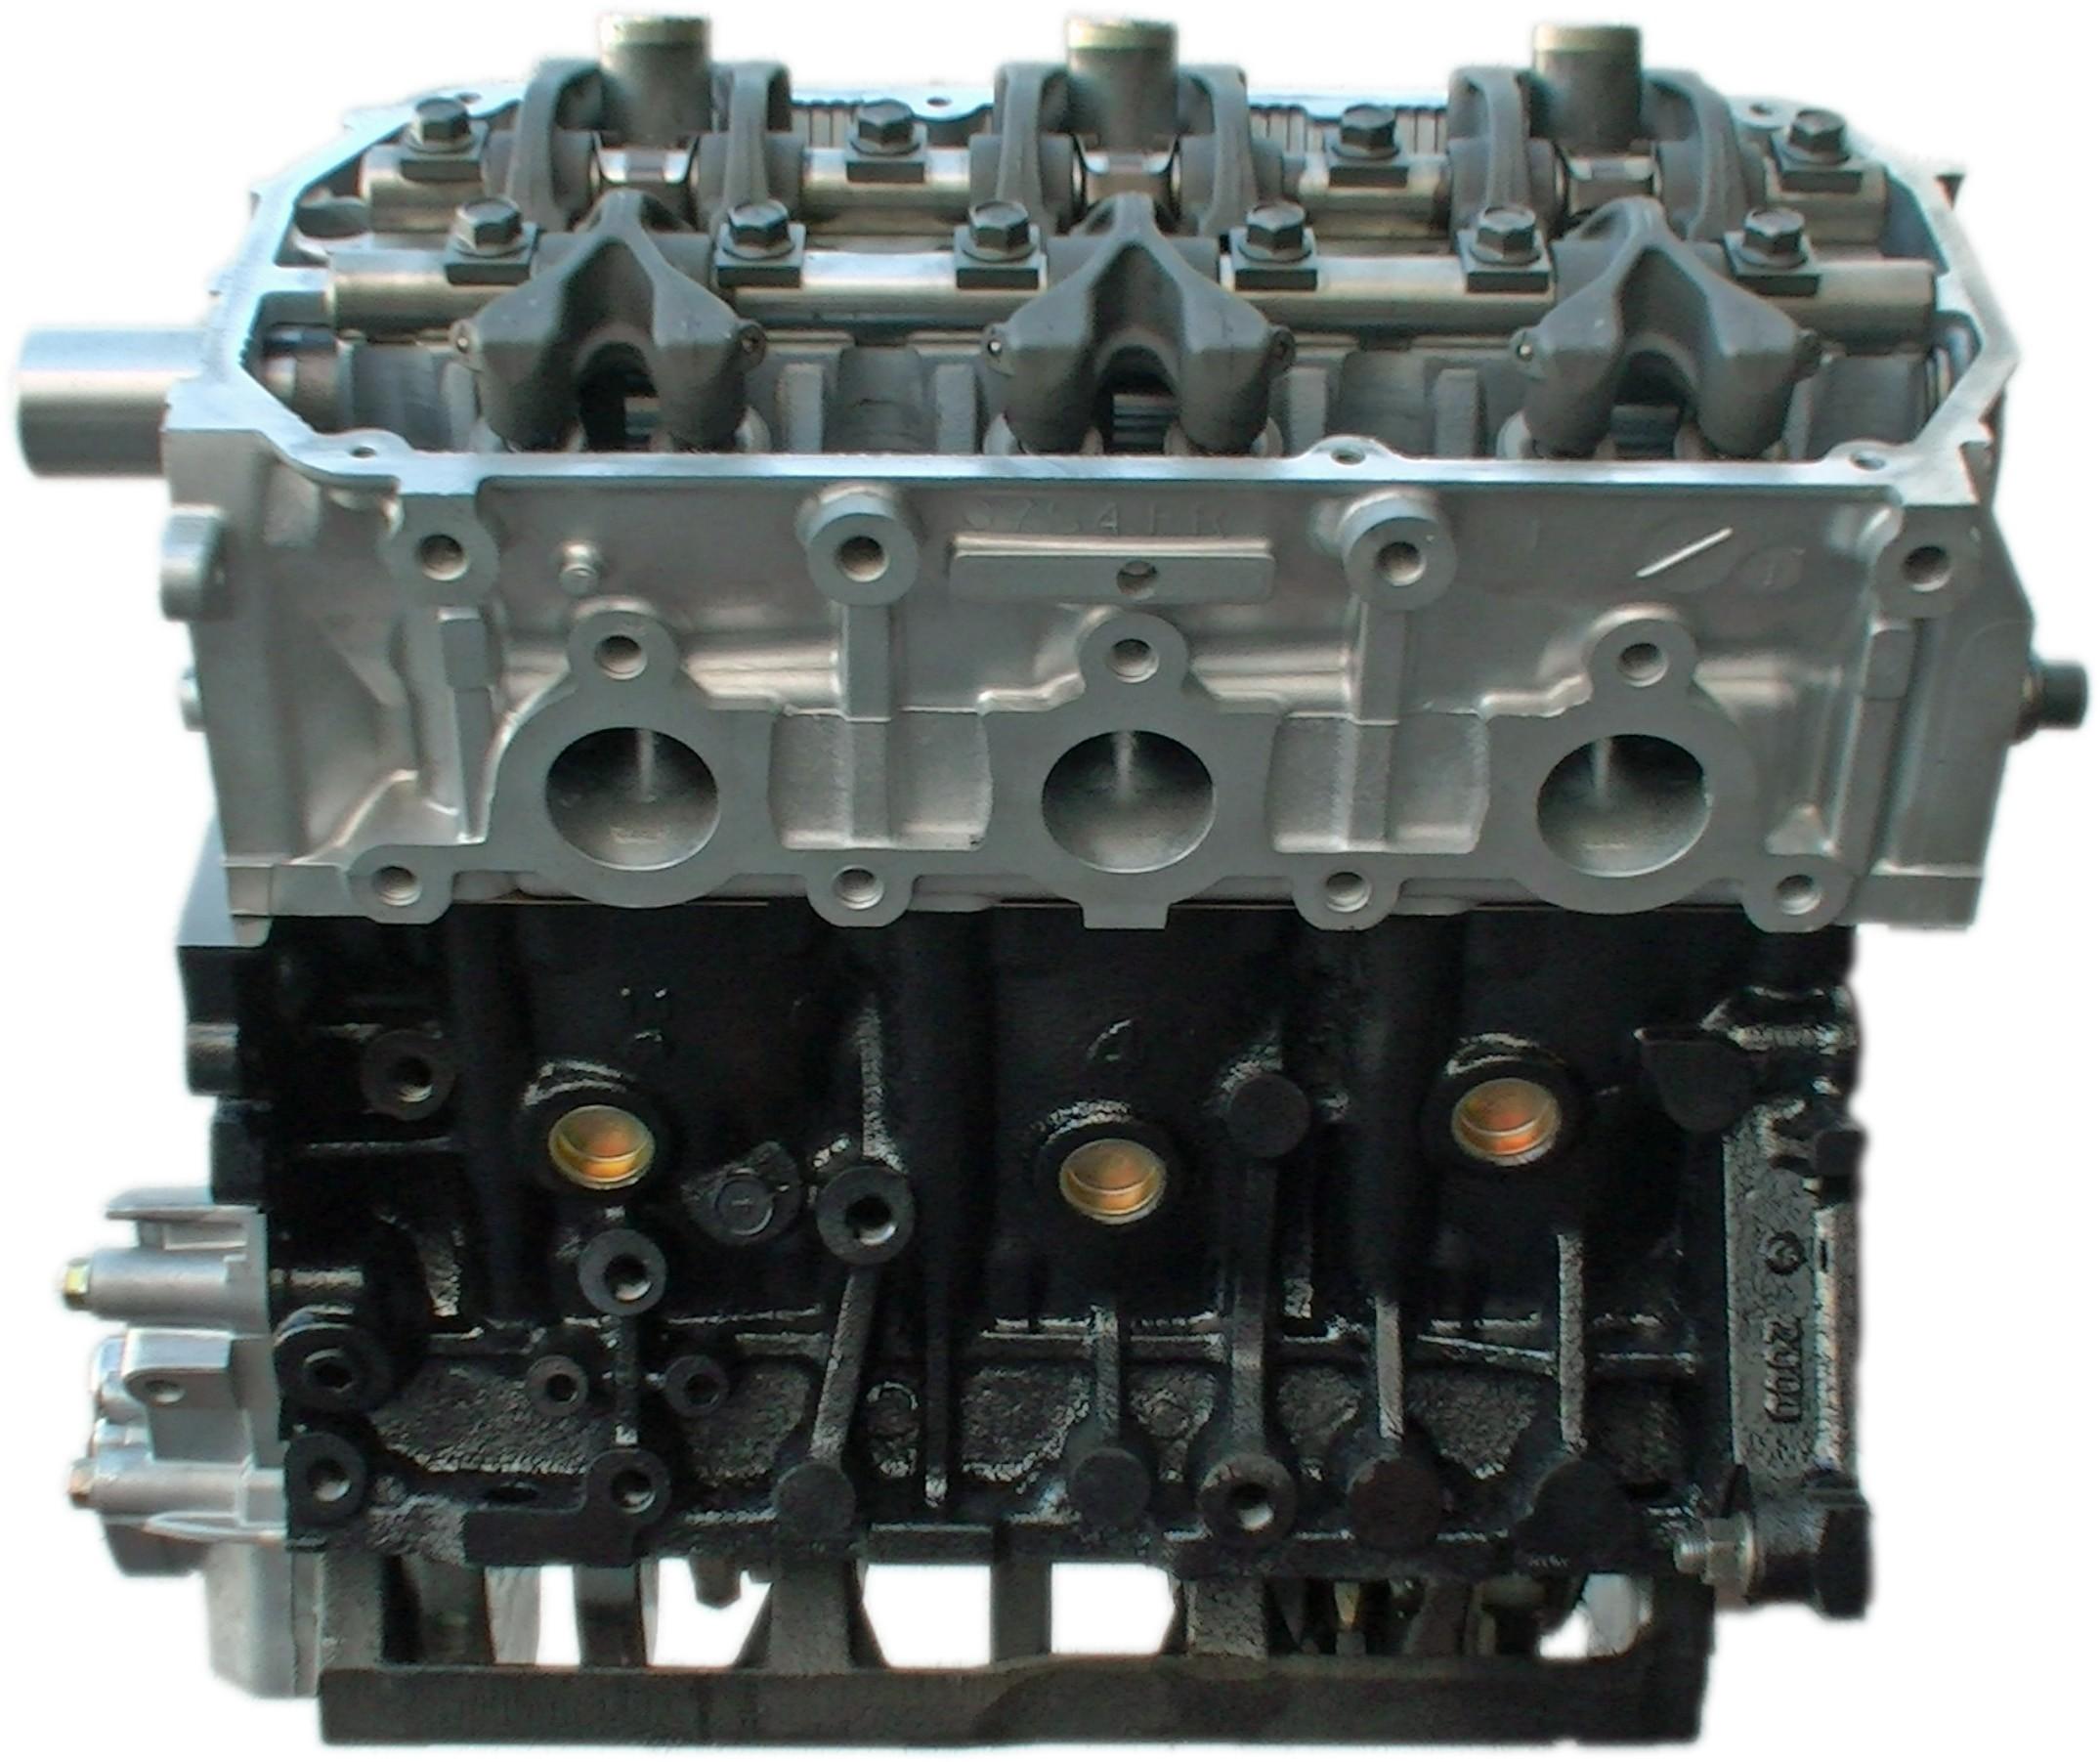 2006 Mitsubishi Montero For Sale: Rebuilt 2003-2006 Mitsubishi Montero V6 3.8L 6G75 Engine